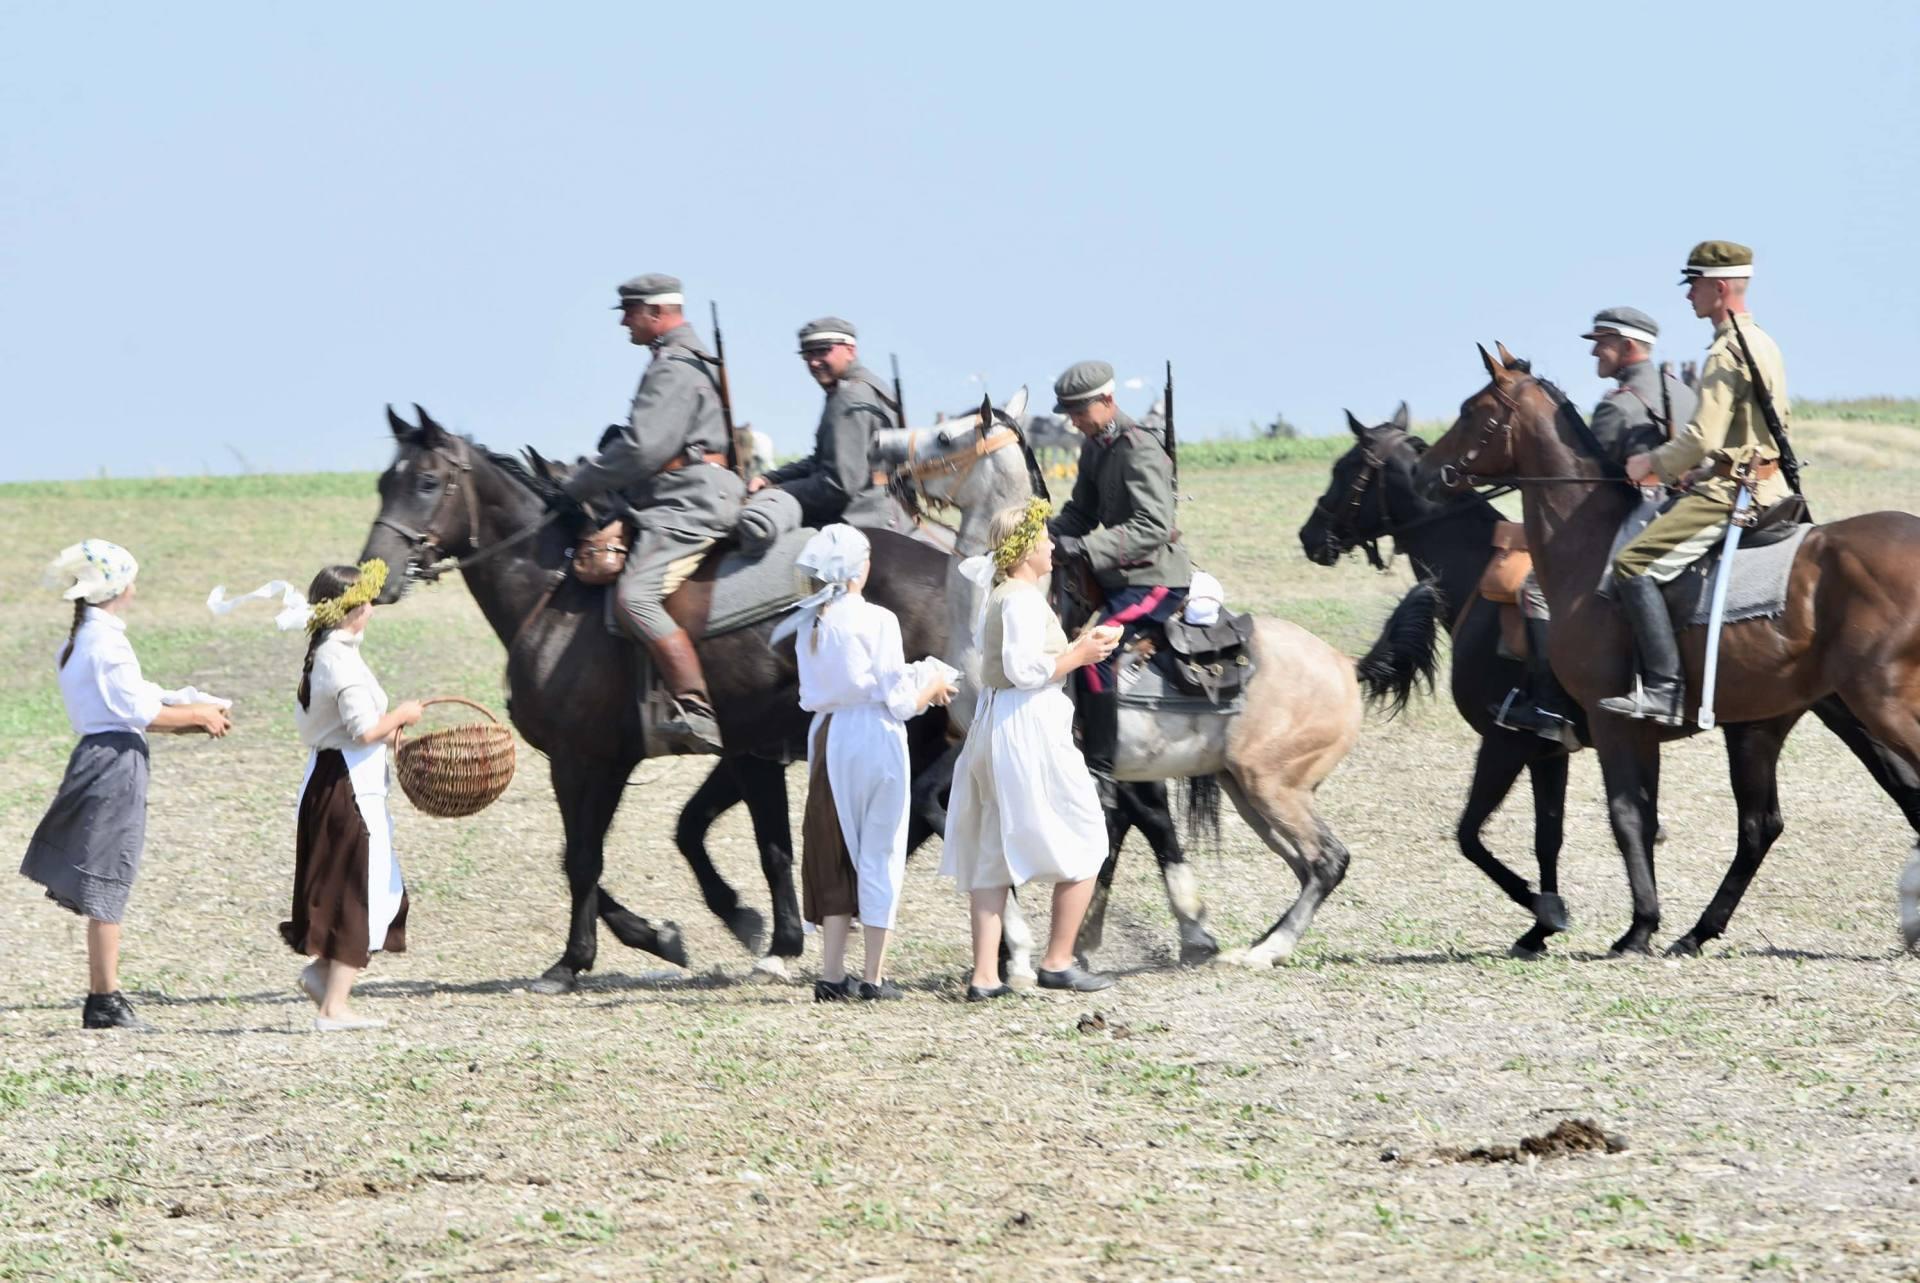 dsc 0770 Czas szabli - 100 rocznica bitwy pod Komarowem(zdjęcia)